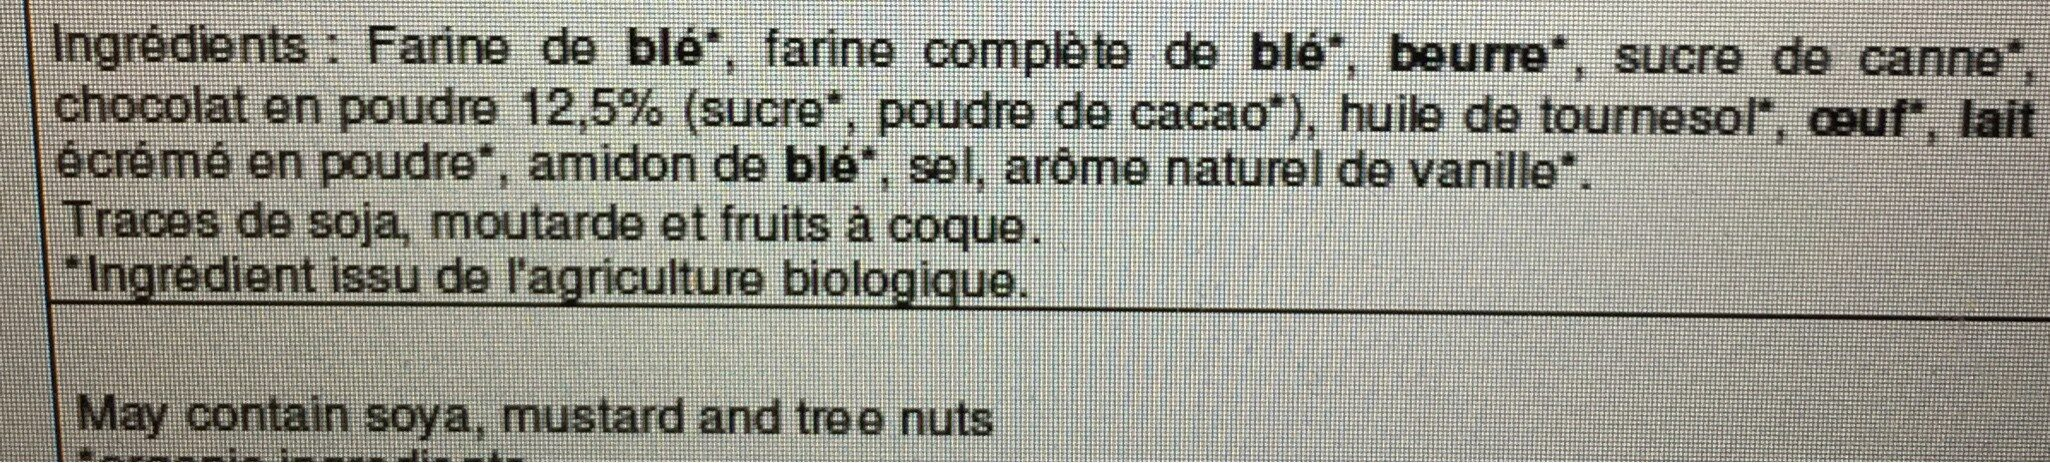 Essai chocolat - Ingredients - fr